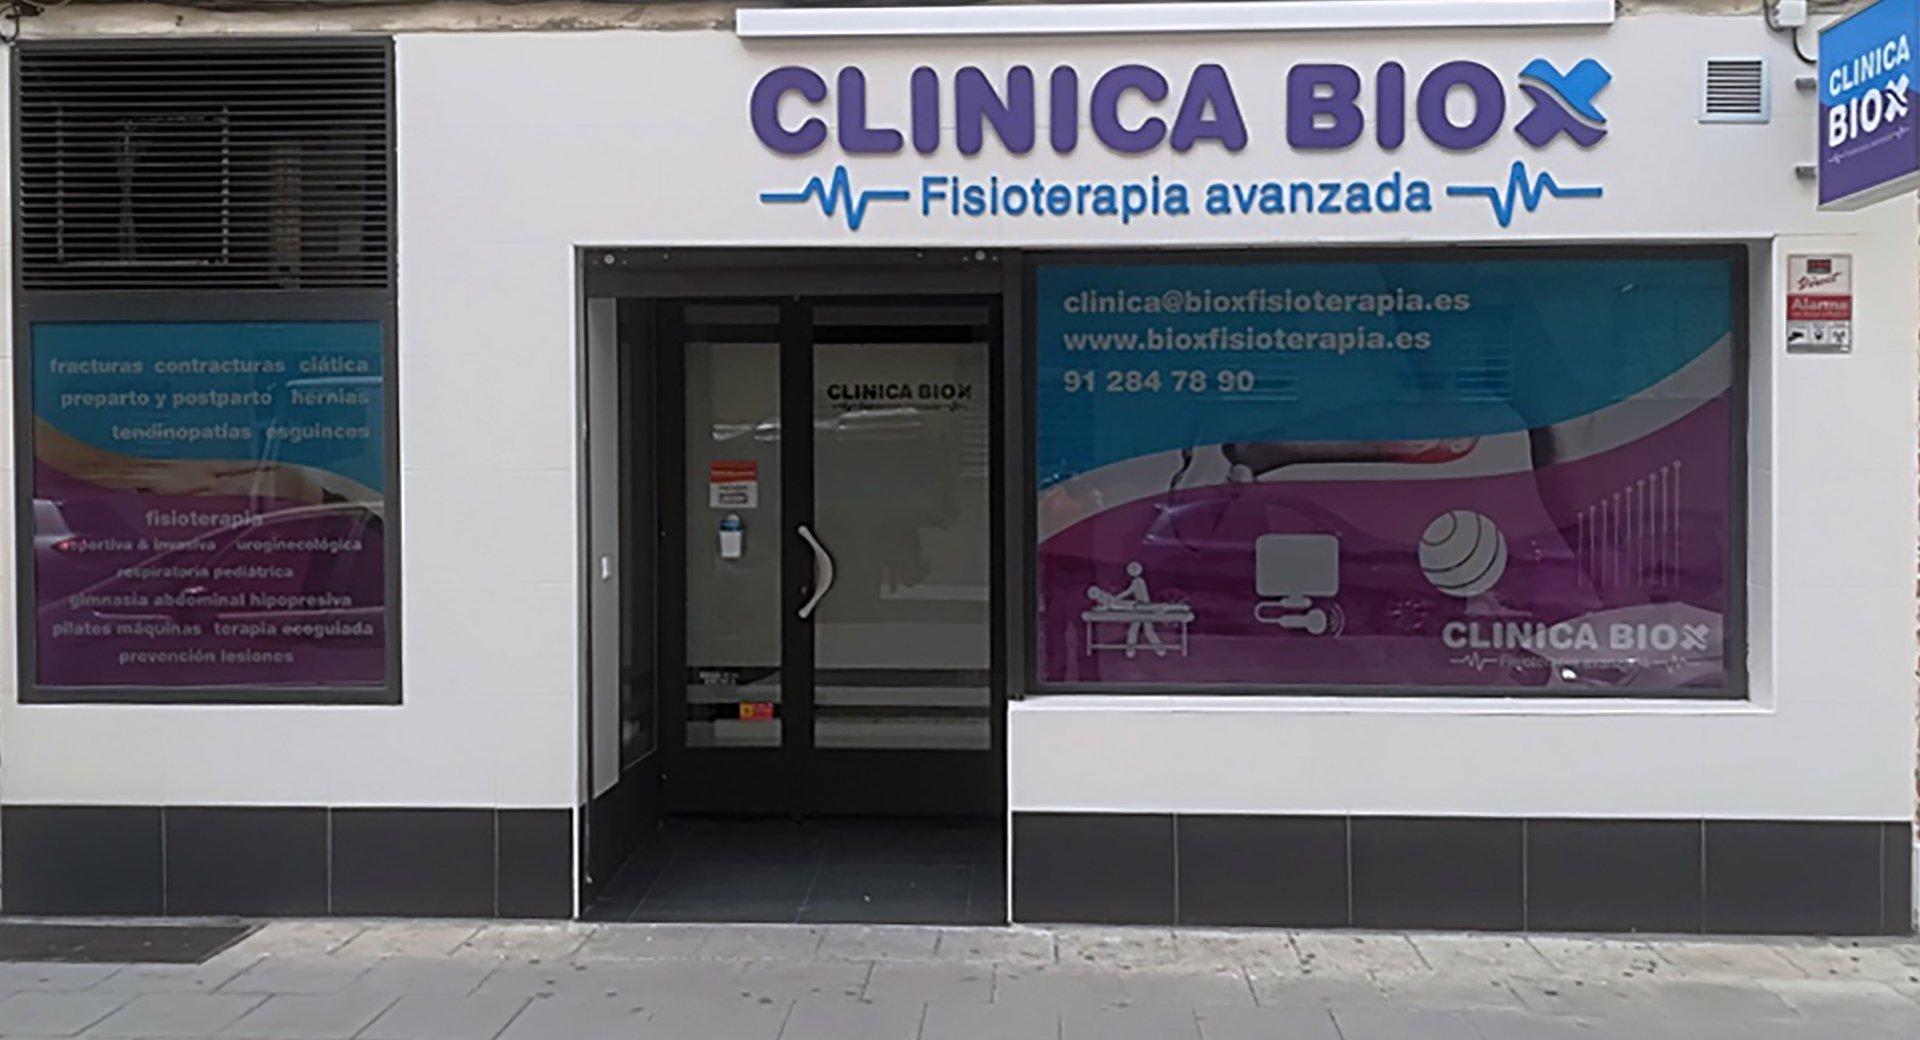 clinica-biox-fisioterapia-avanzada-pinto-madrid